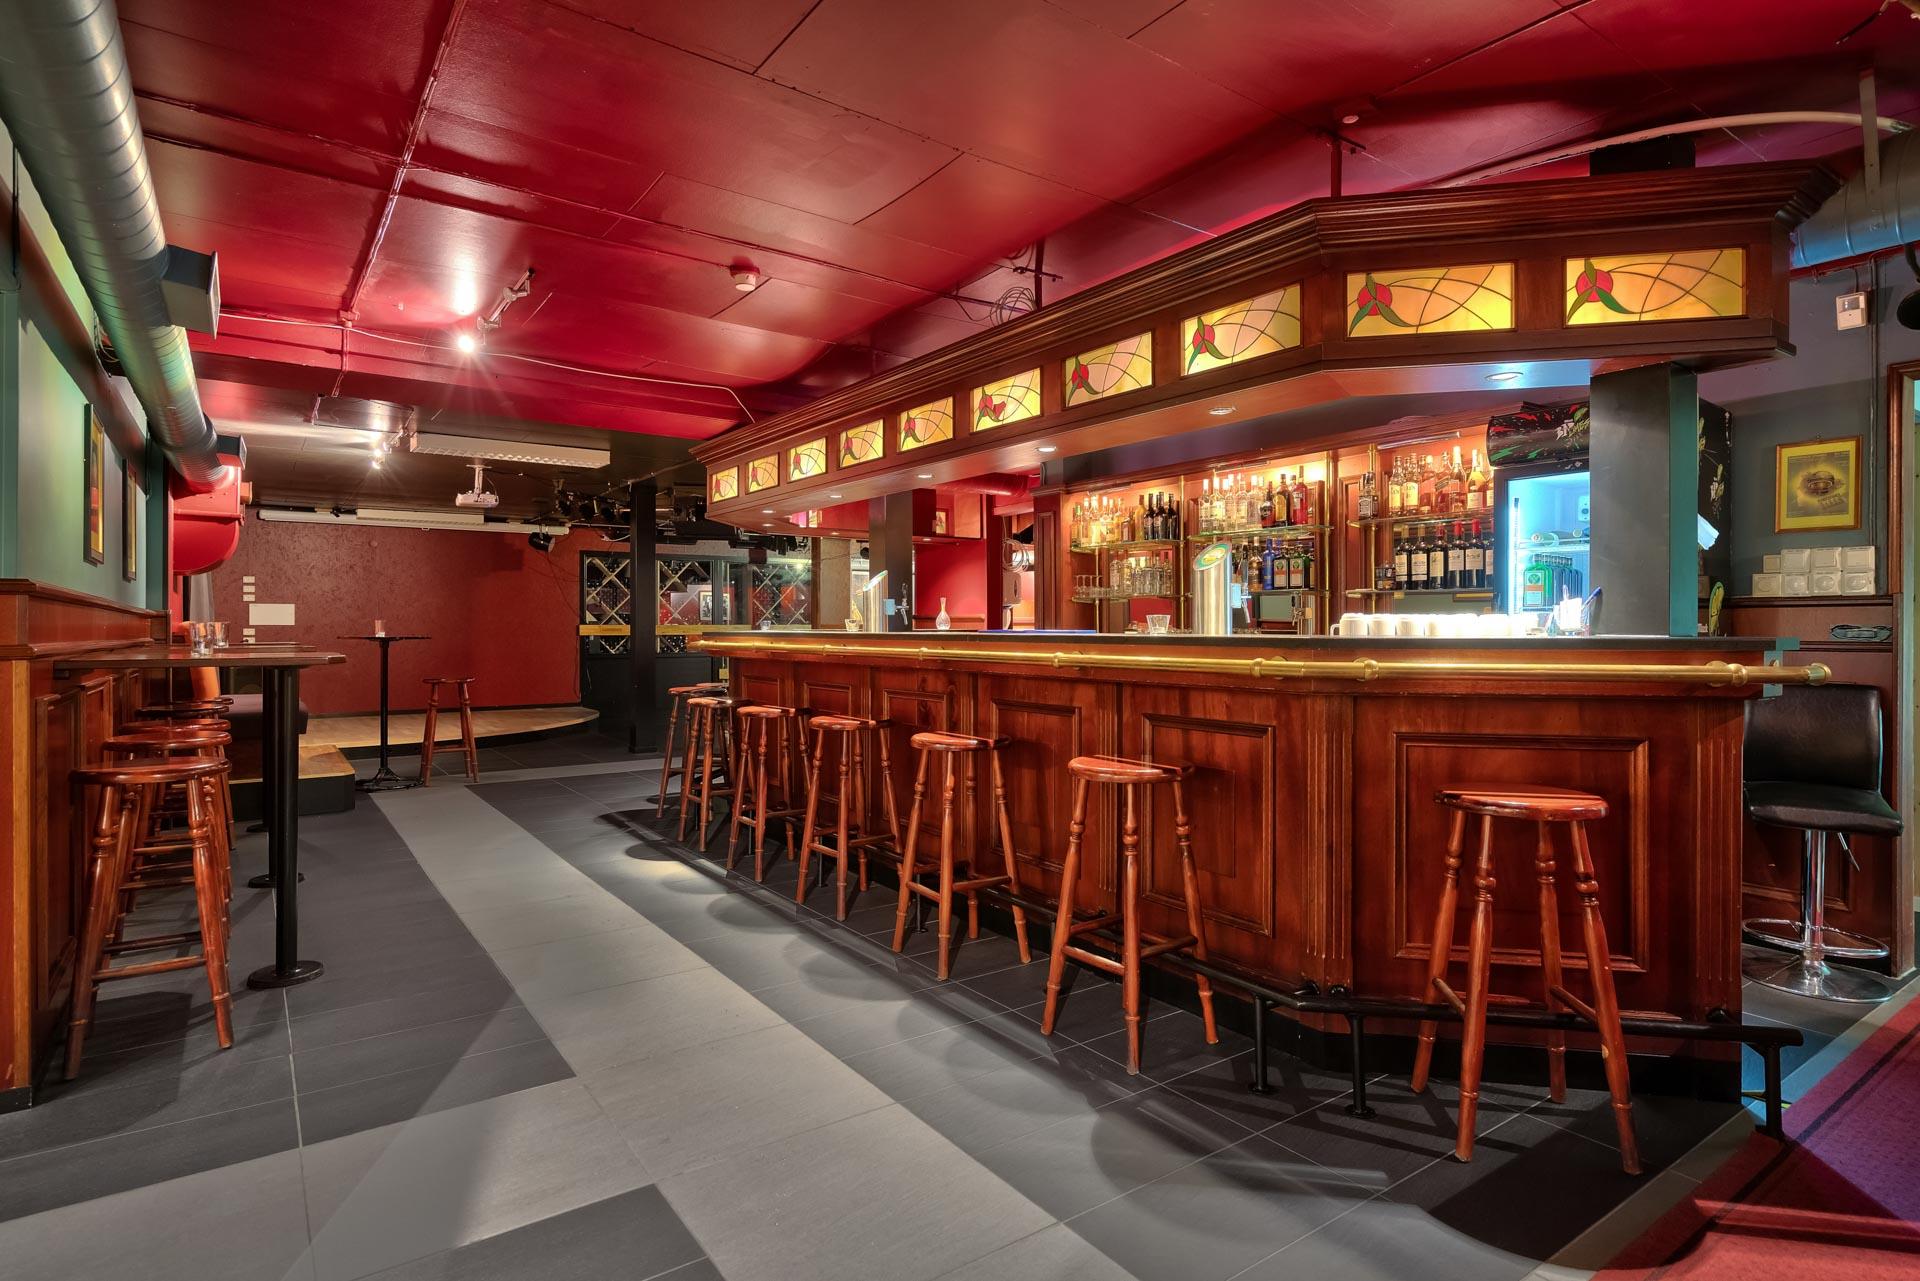 Night club bar